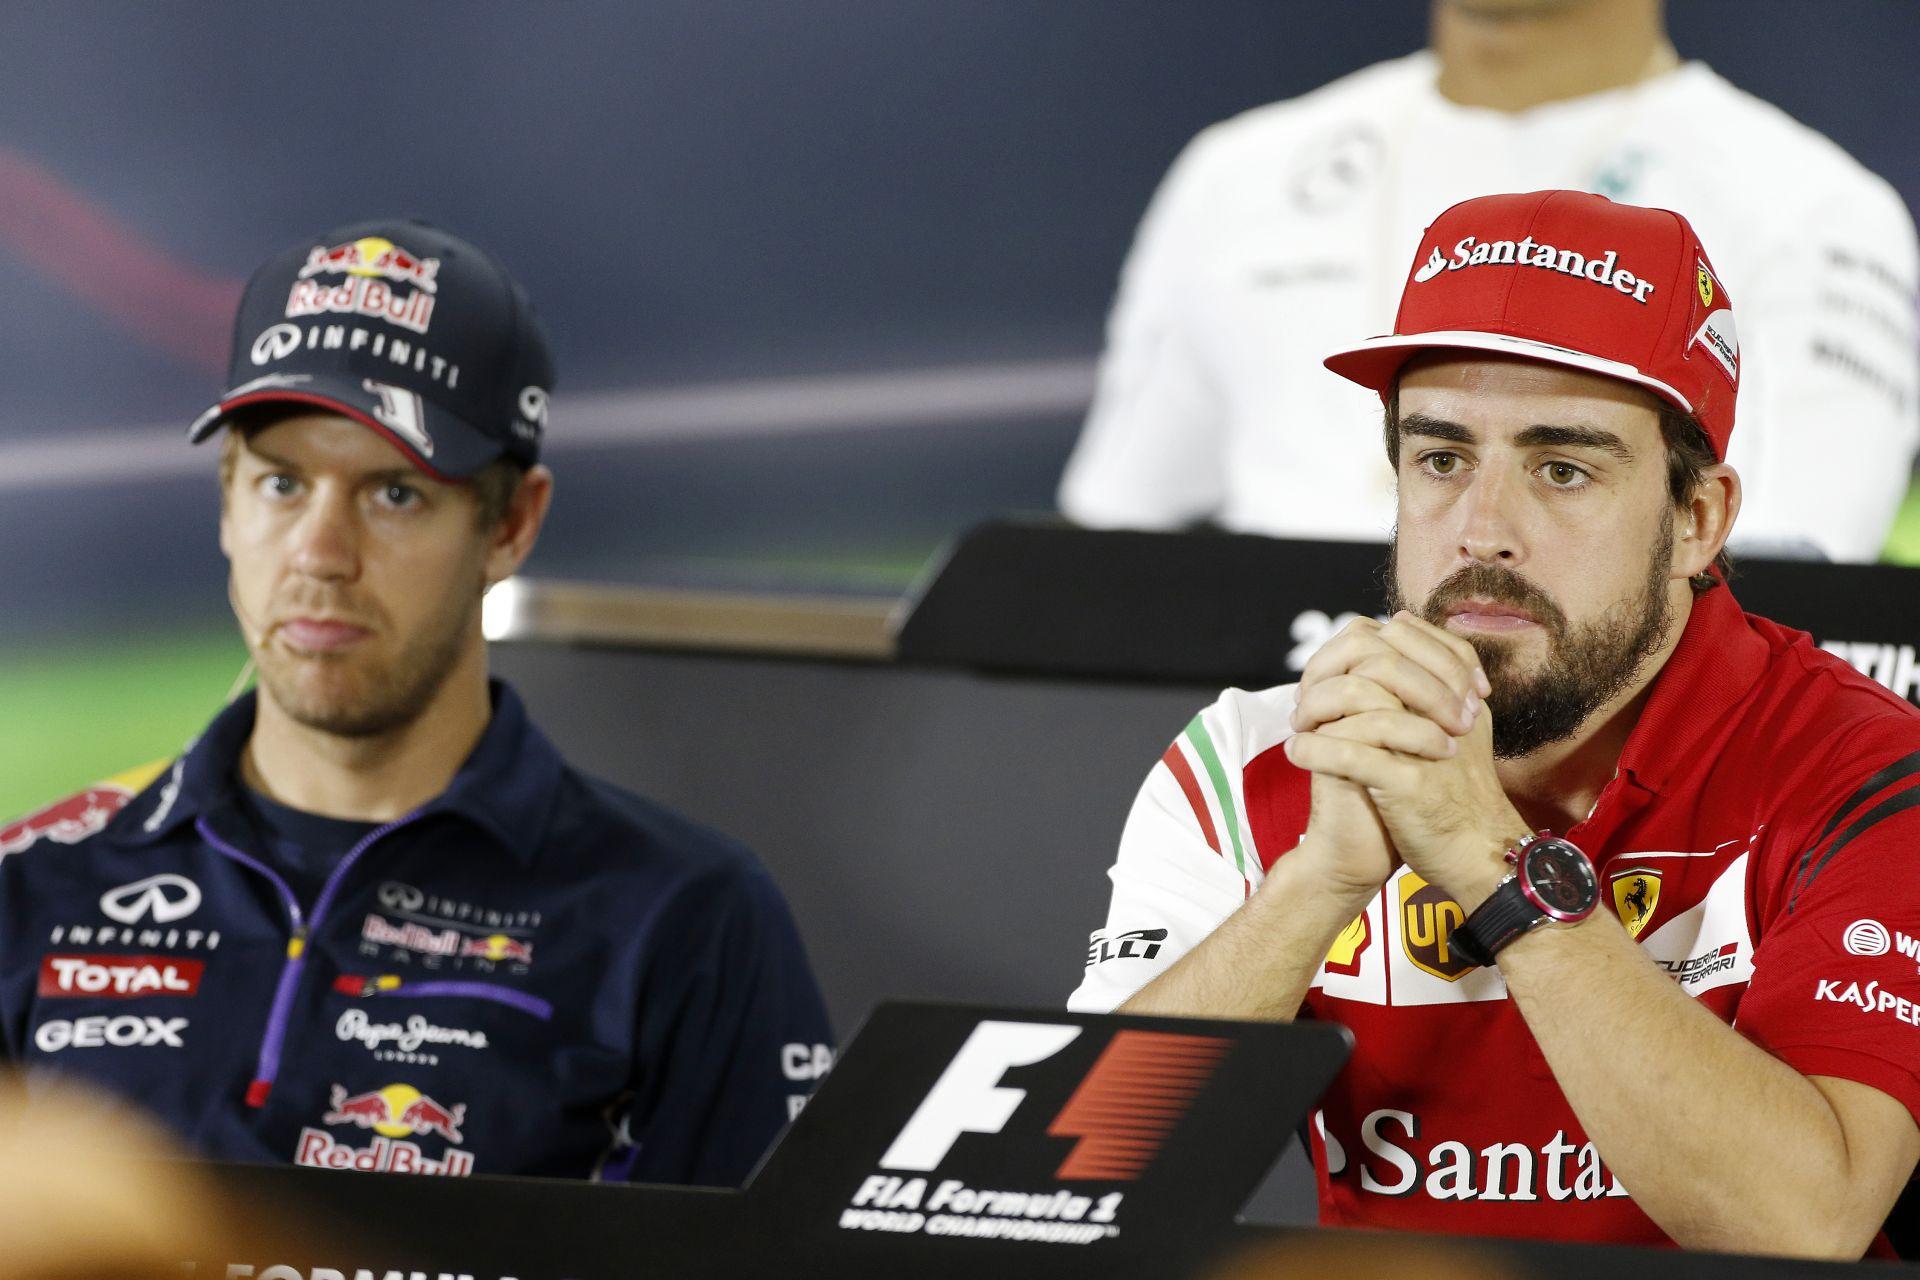 Vettel nem tudta túlszárnyalni Alonso bemutatkozó évét a Ferrarinál!